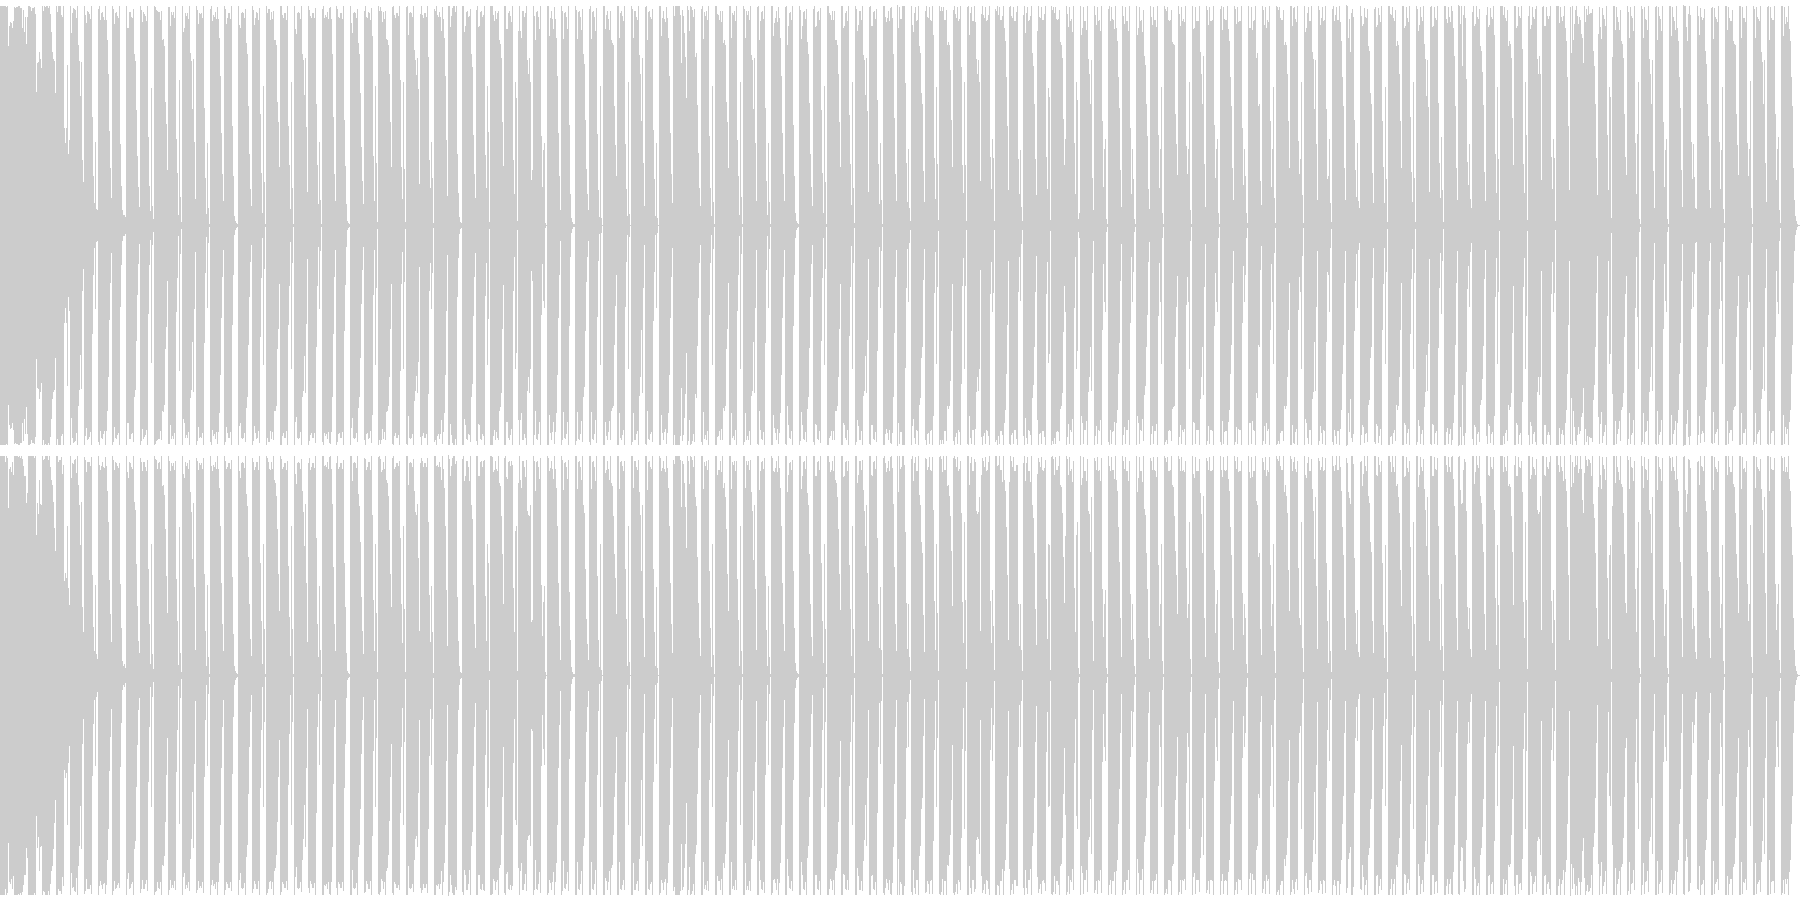 【エレクトロニカ】テクノ、ロング2の未再生の波形